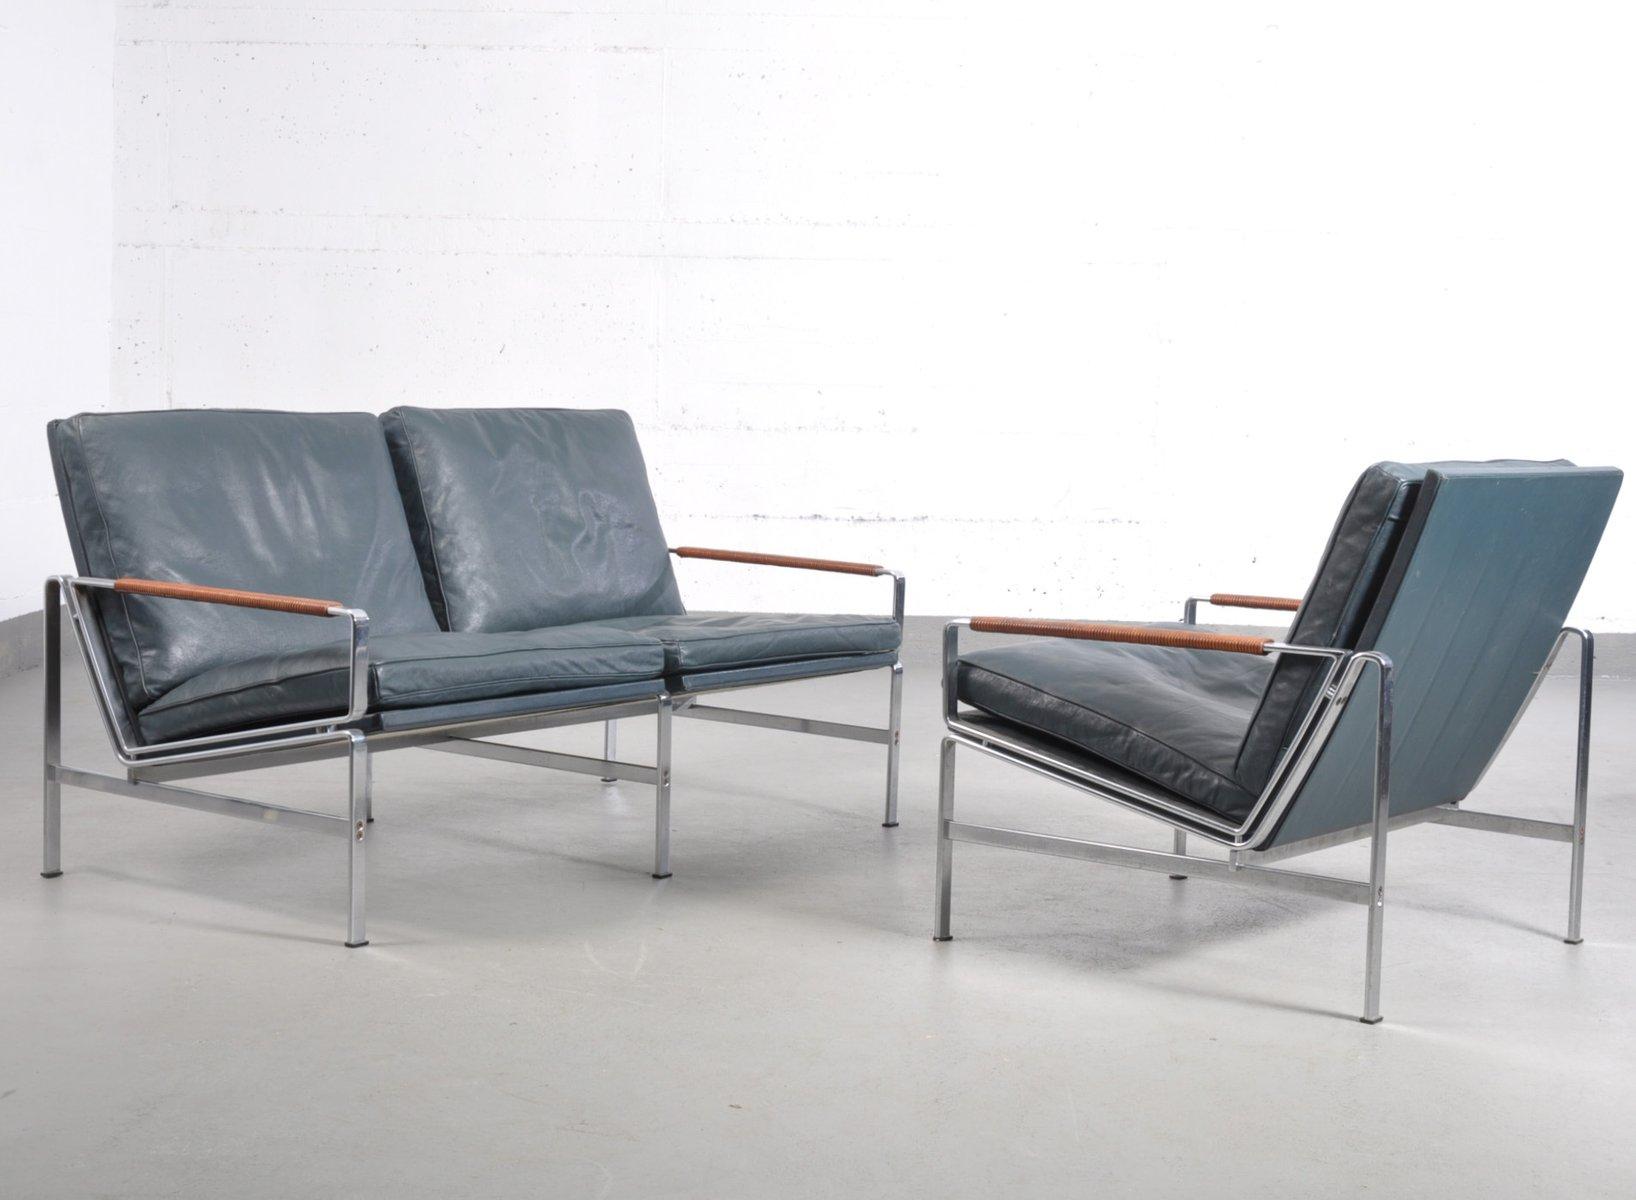 fauteuil & canapé deux places fk 6720 vintage par fabricius